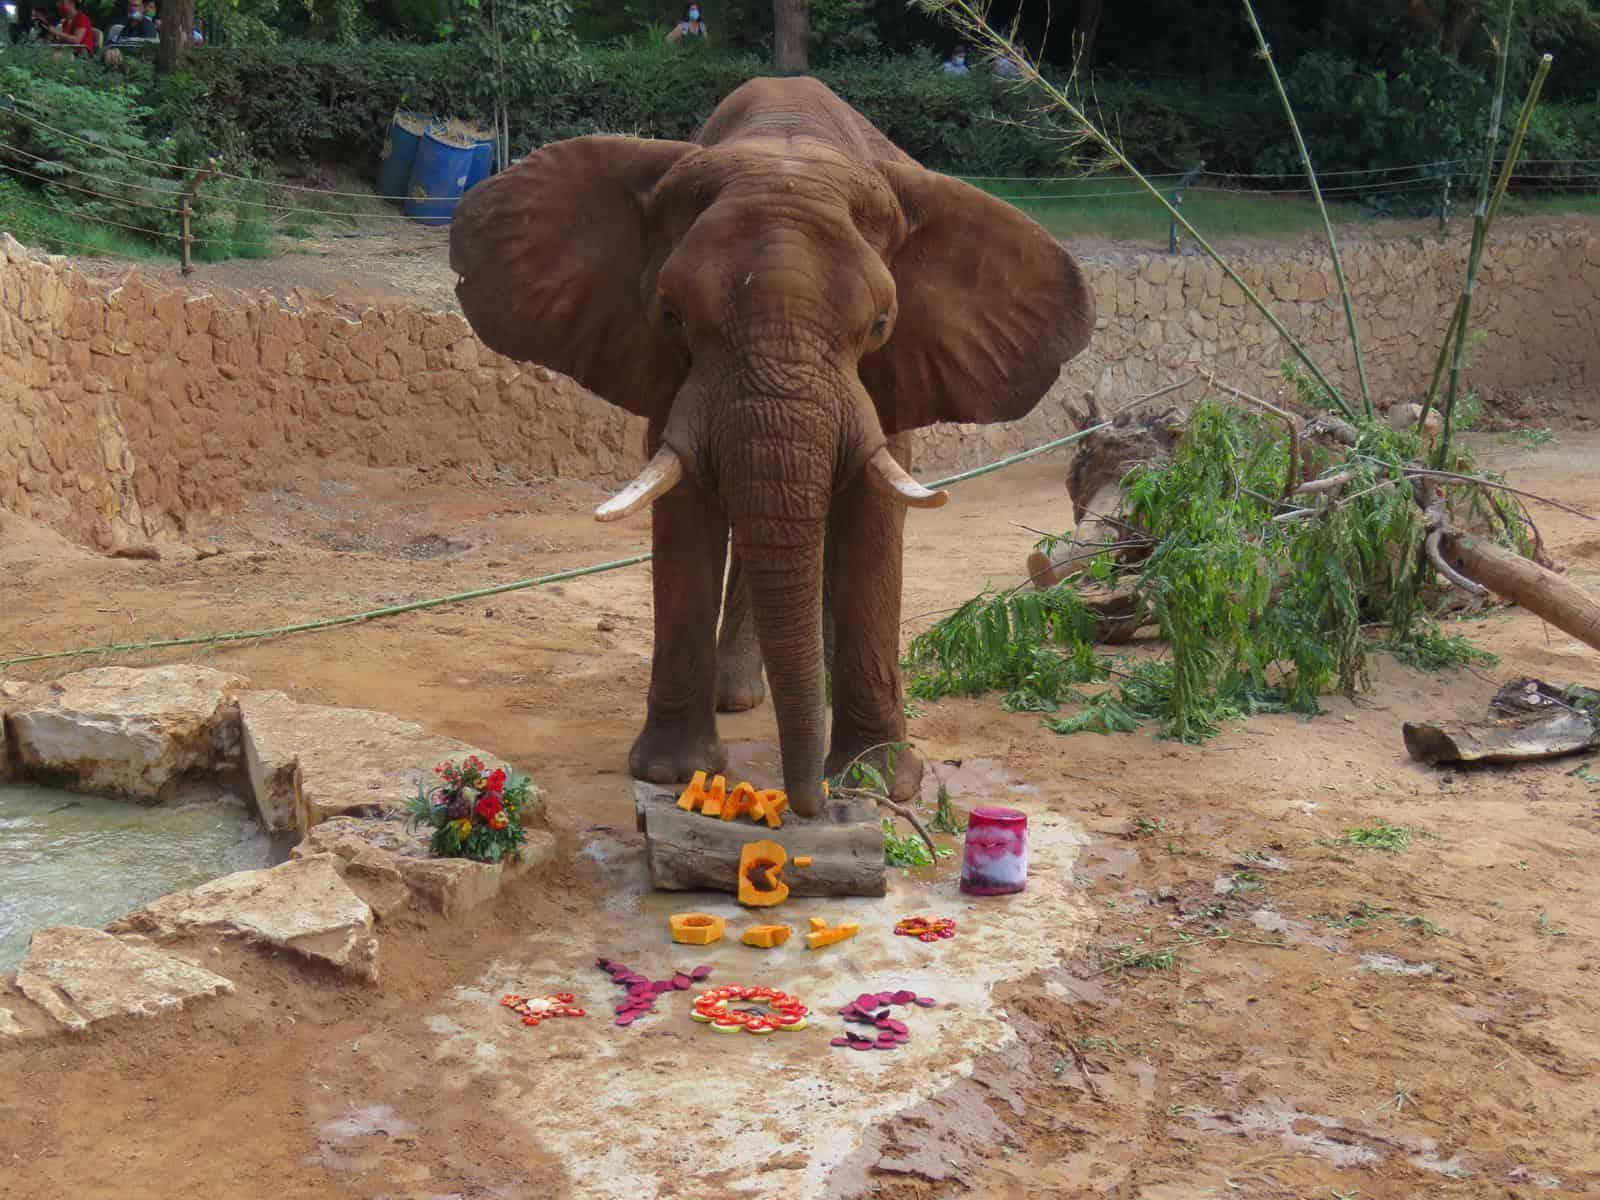 יוסי הפיל בן 46. צילום נועה טולדנו